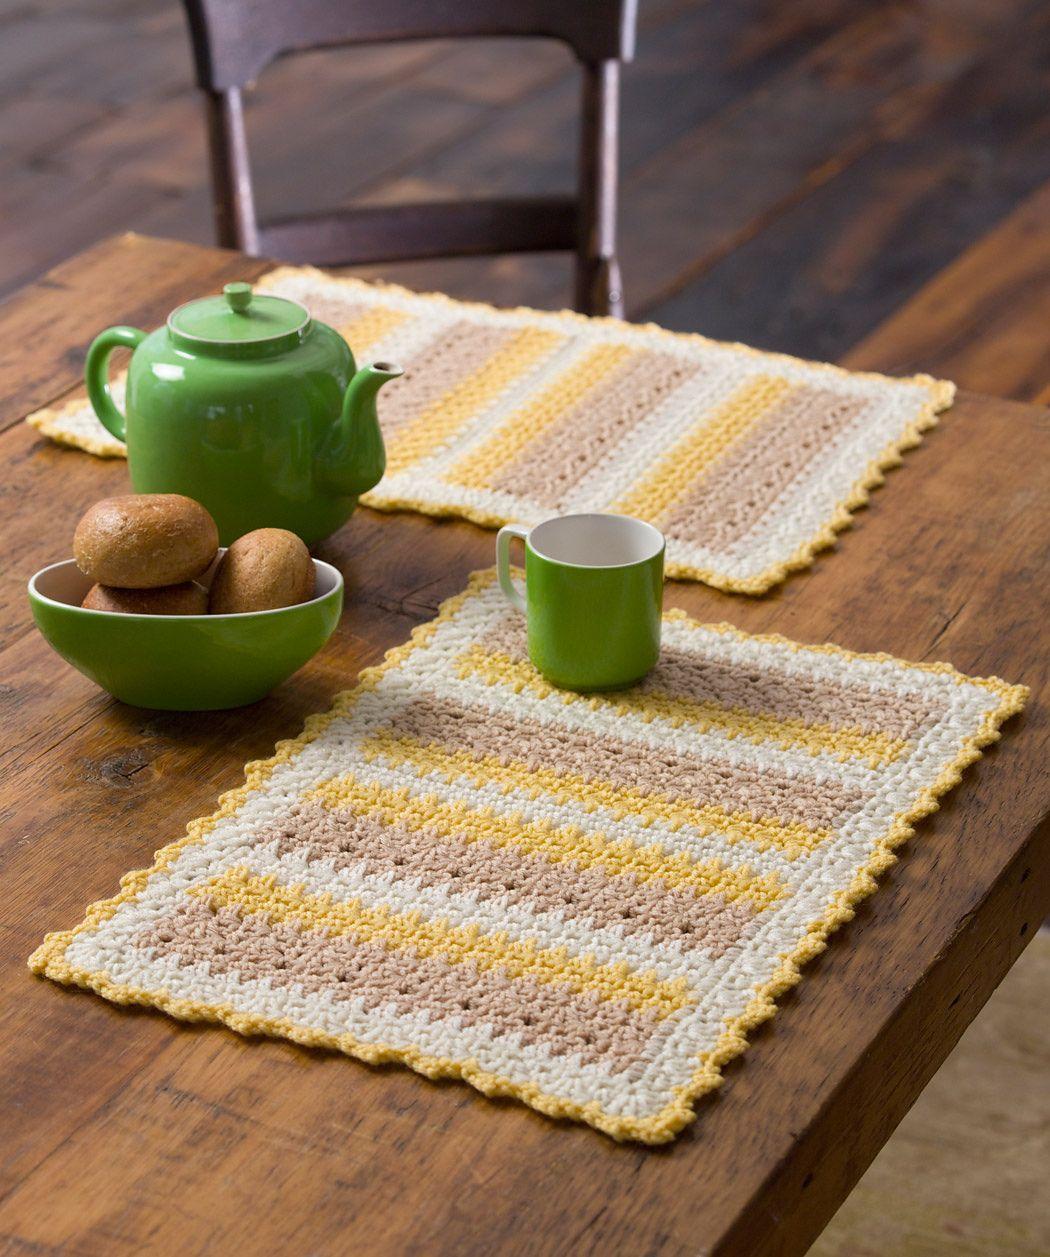 Ravelry: Cornmeal Mats by Katherine Eng...Free pattern! | Crochet ...